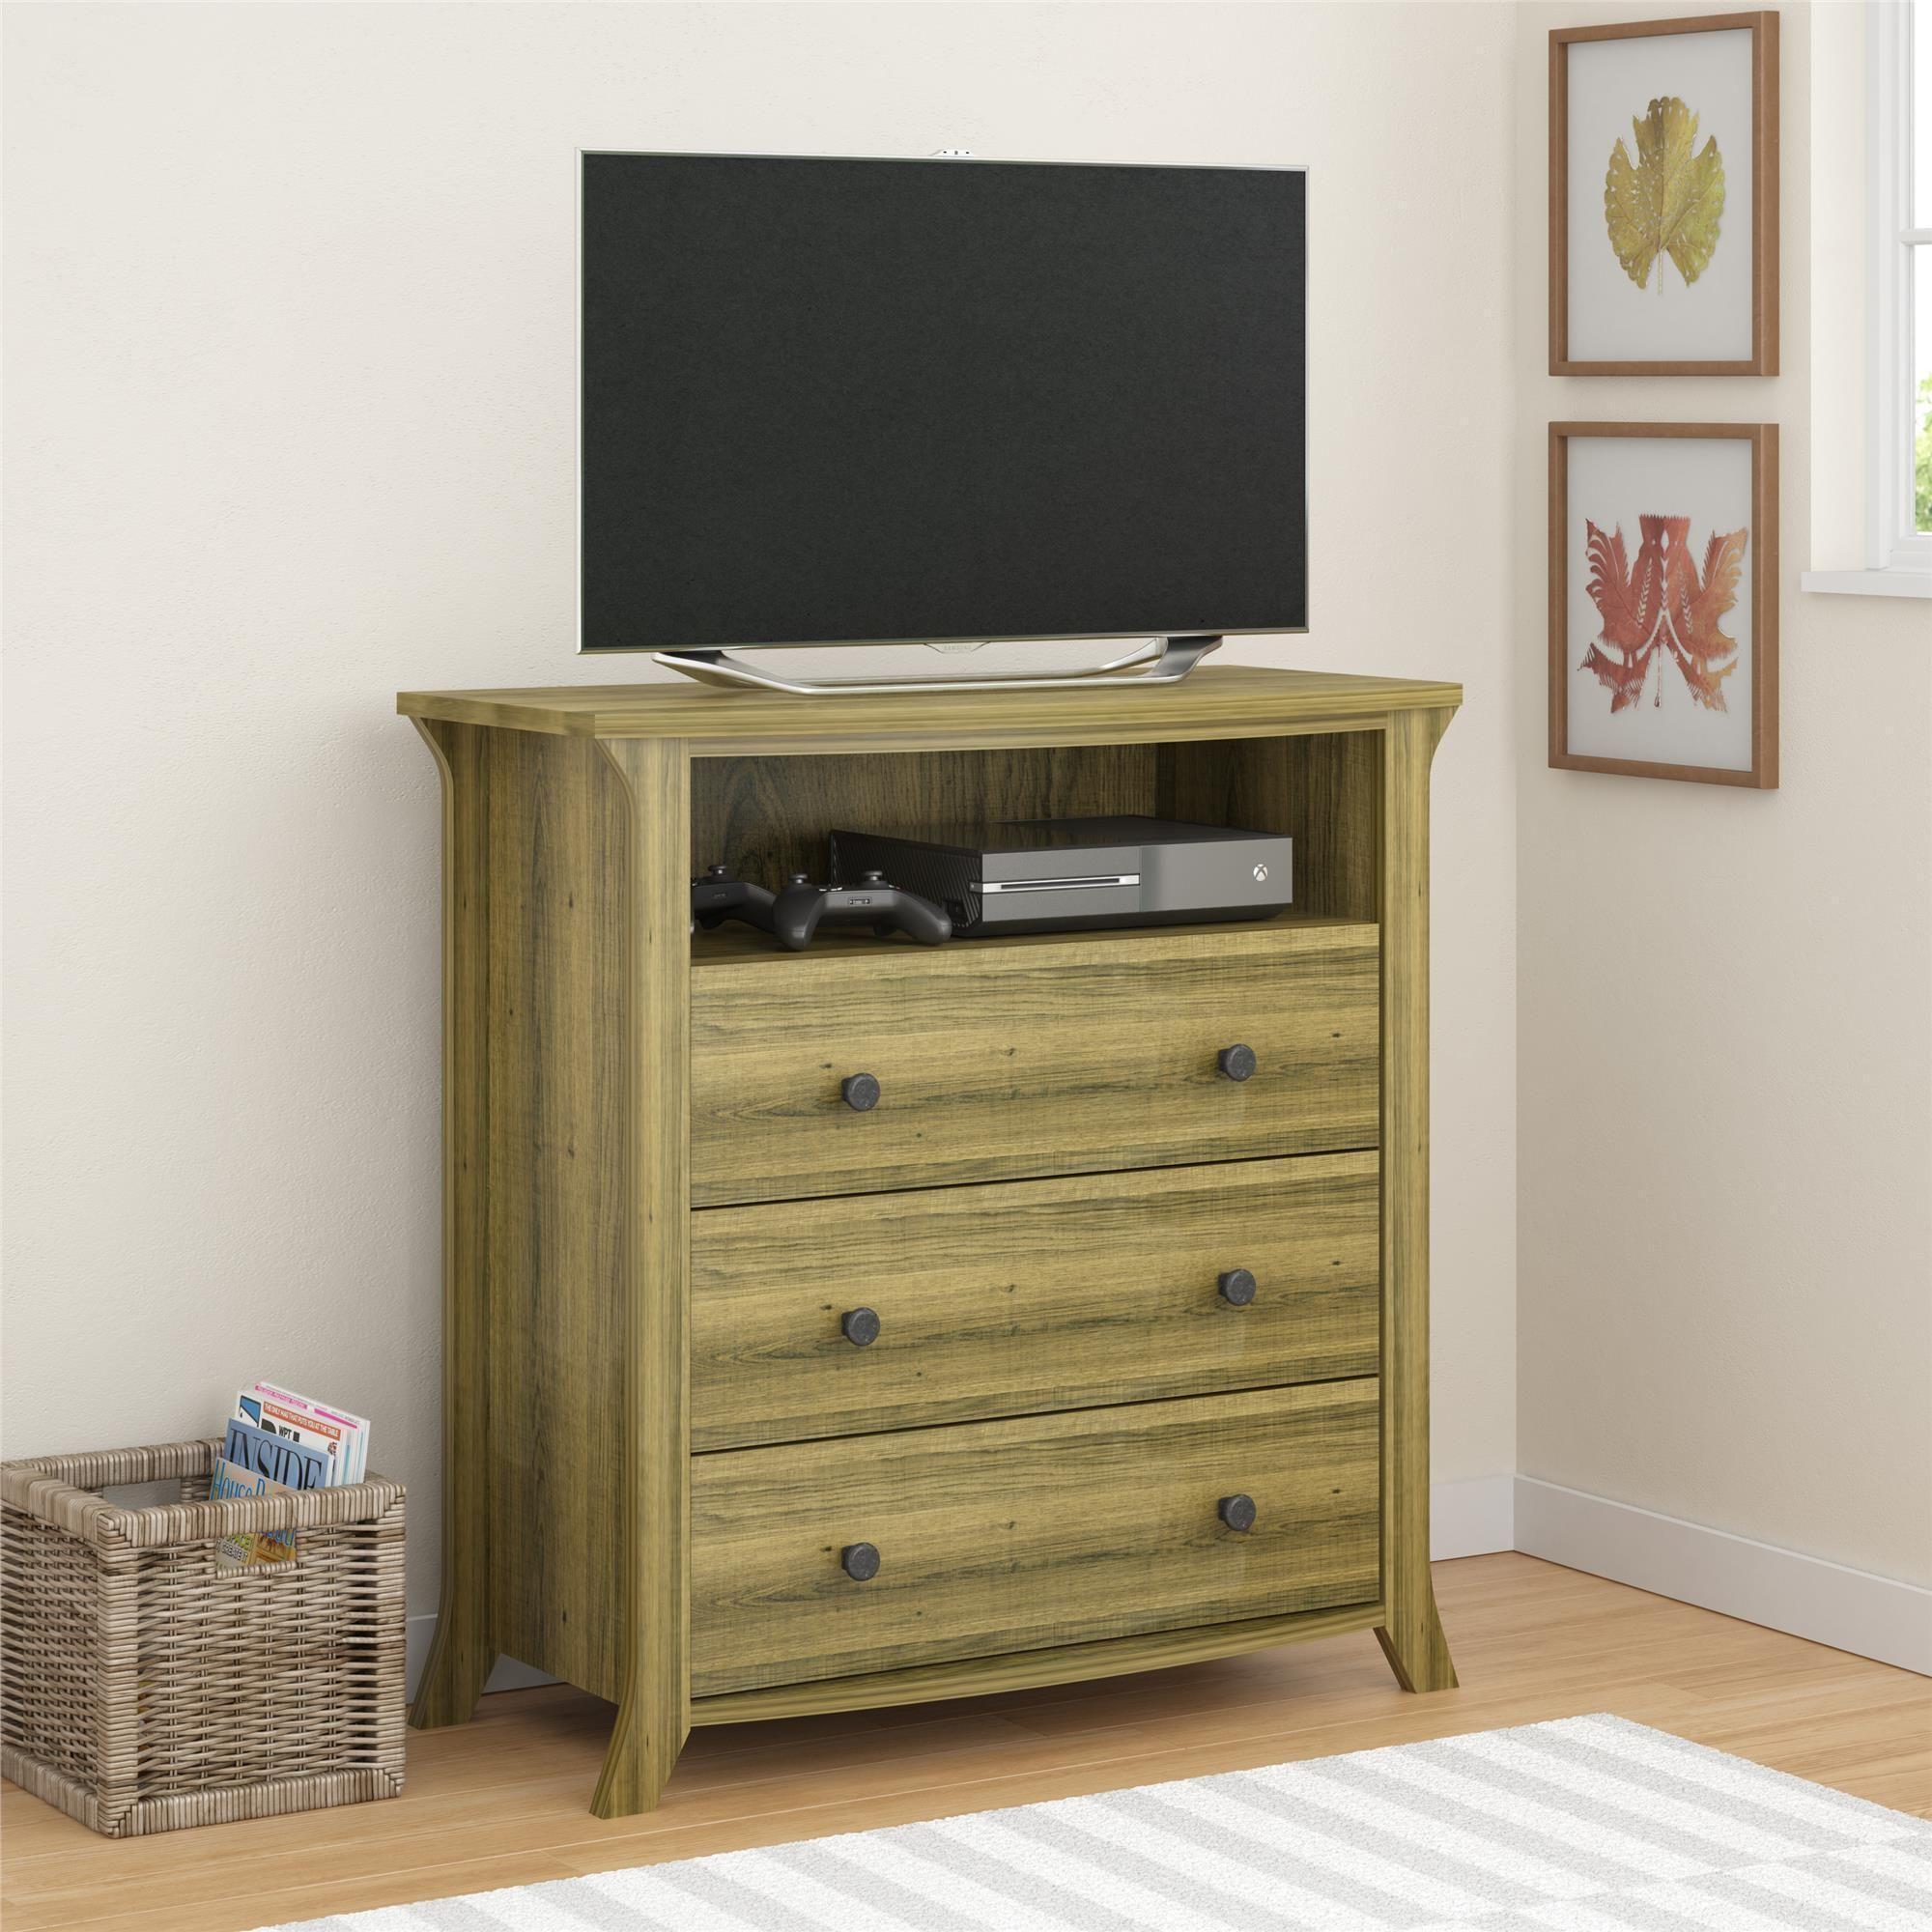 46+ Oakridge bedroom furniture ideas in 2021